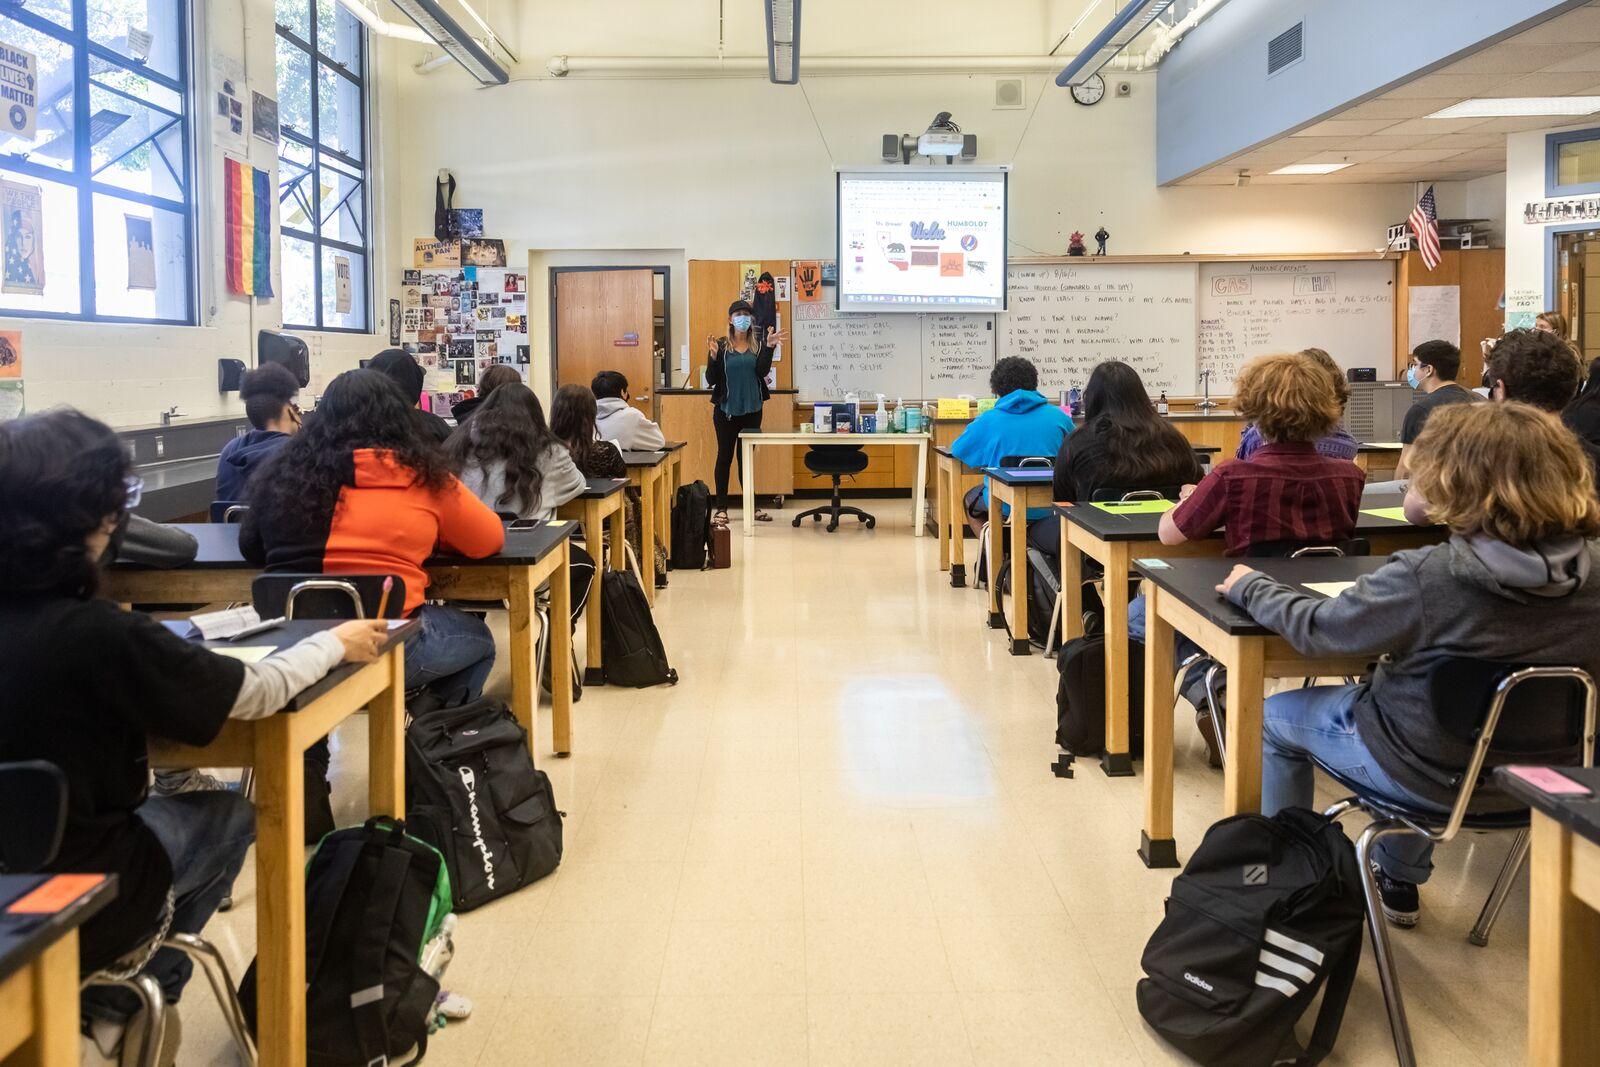 Berkeley High School science instructor Devon Brewer teaches class on August 16, 2021. Credit: Kelly Sullivan